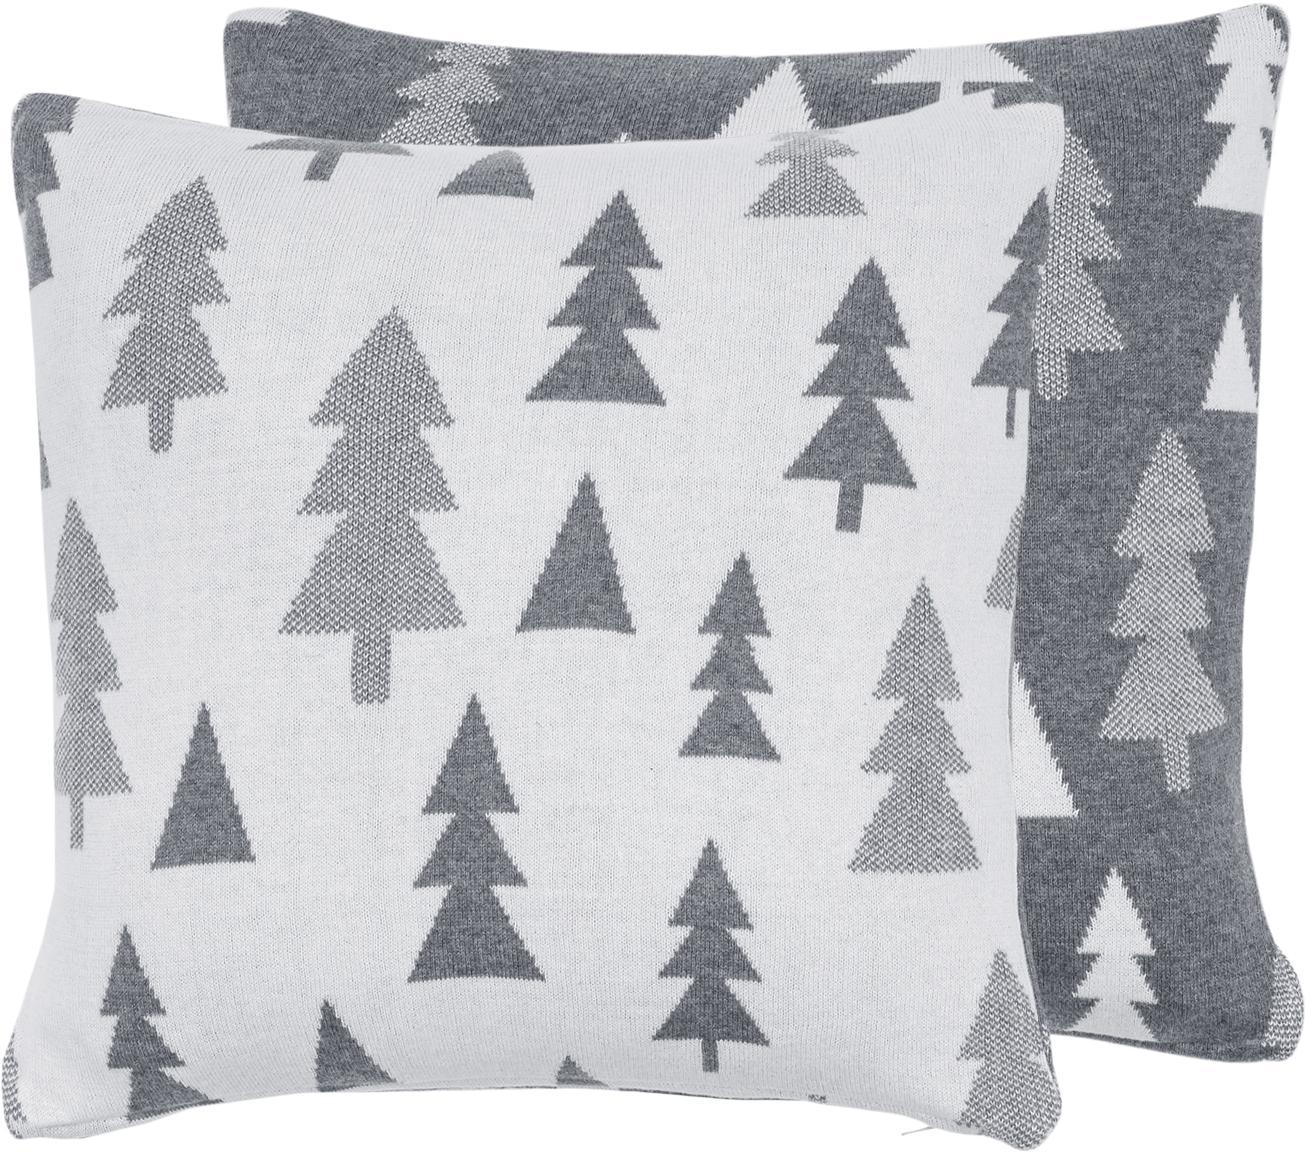 Strick-Wendekissenhülle Joss mit Tannenbäumen, Baumwolle, Grau, Cremeweiß, 40 x 40 cm